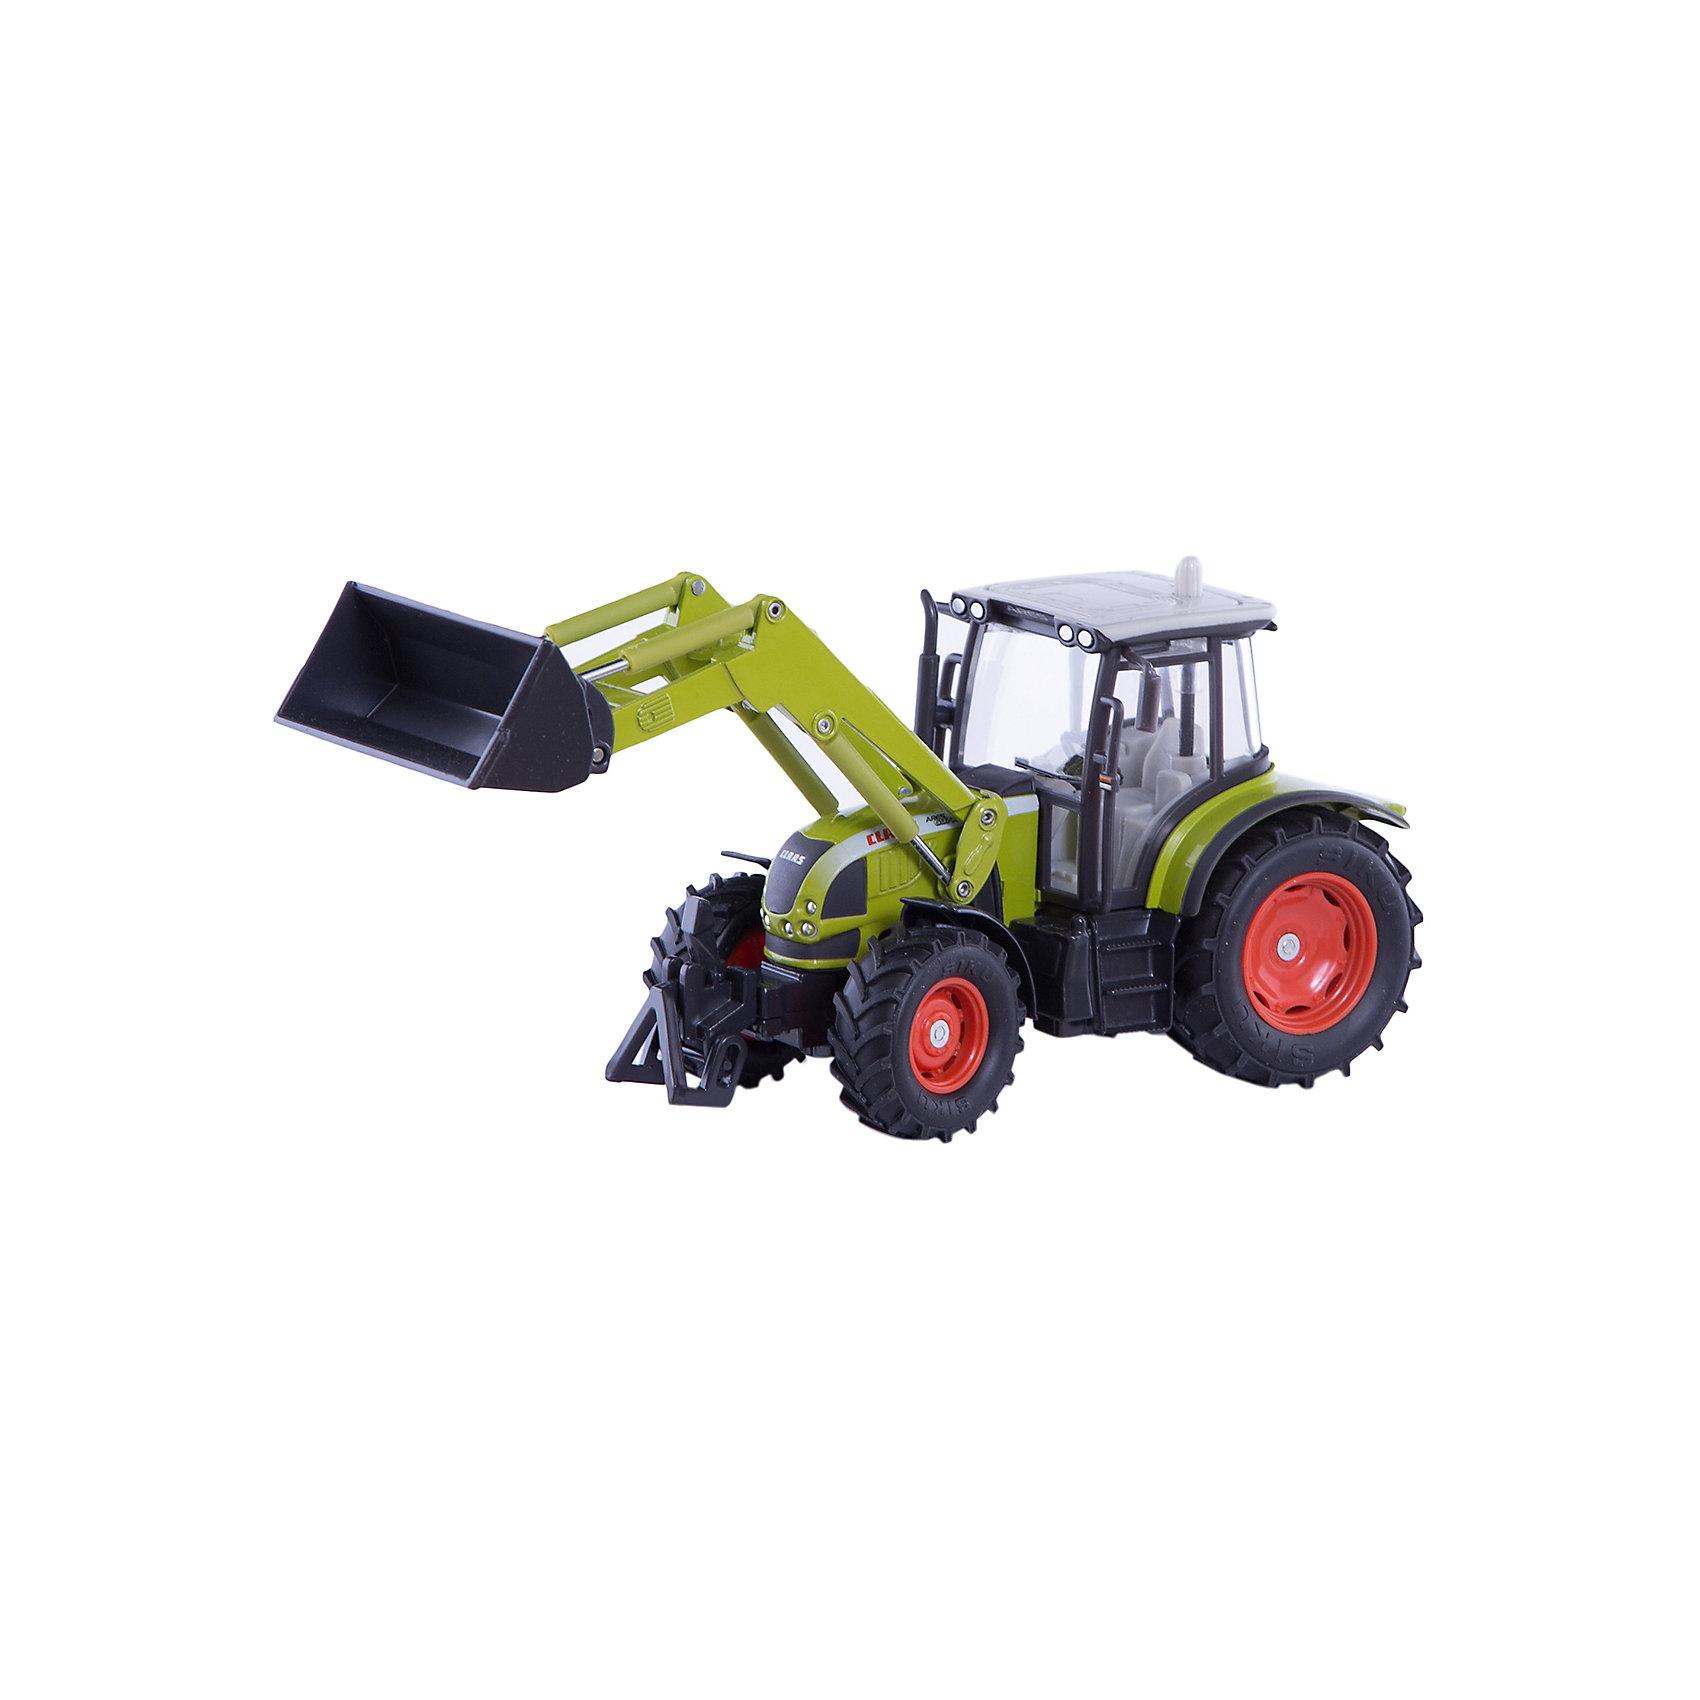 SIKU Трактор с фронтальным погрузчиком, SIKU машинки tomy трактор john deere 6830 с двойными колесами и фронтальным погрузчиком